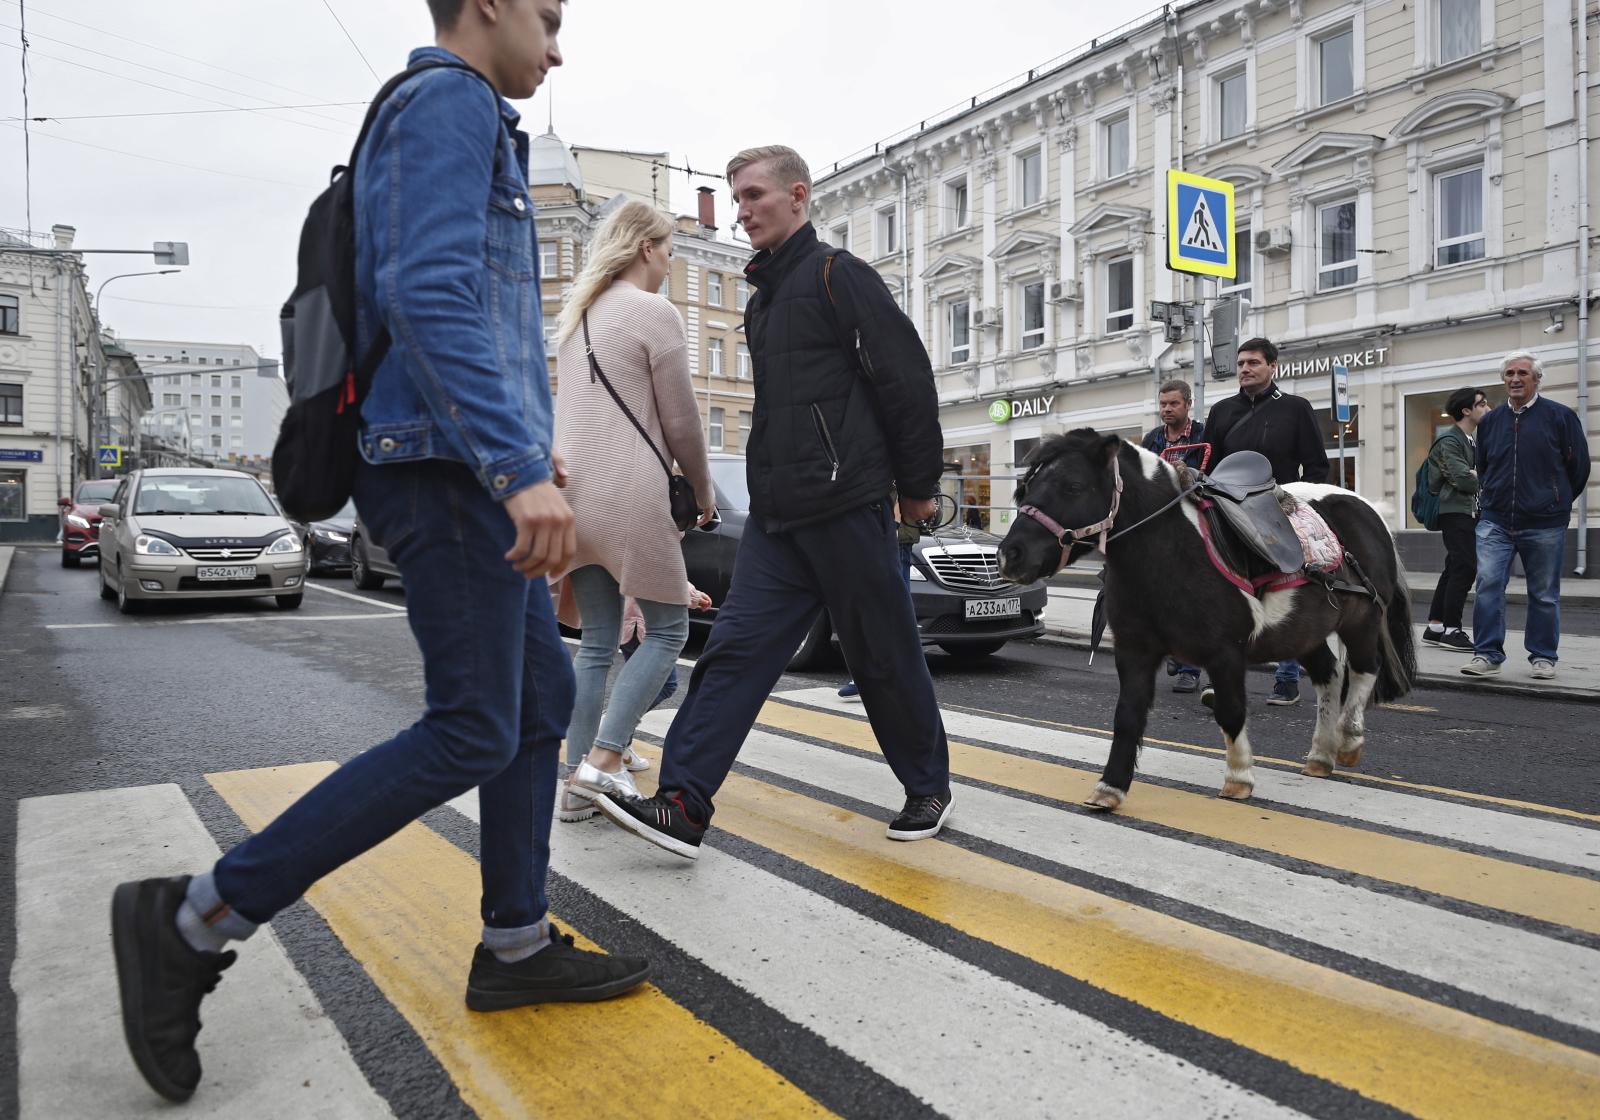 Codzienność w Moskwie Fot. PAP/EPA/SERGEI ILNITSKY